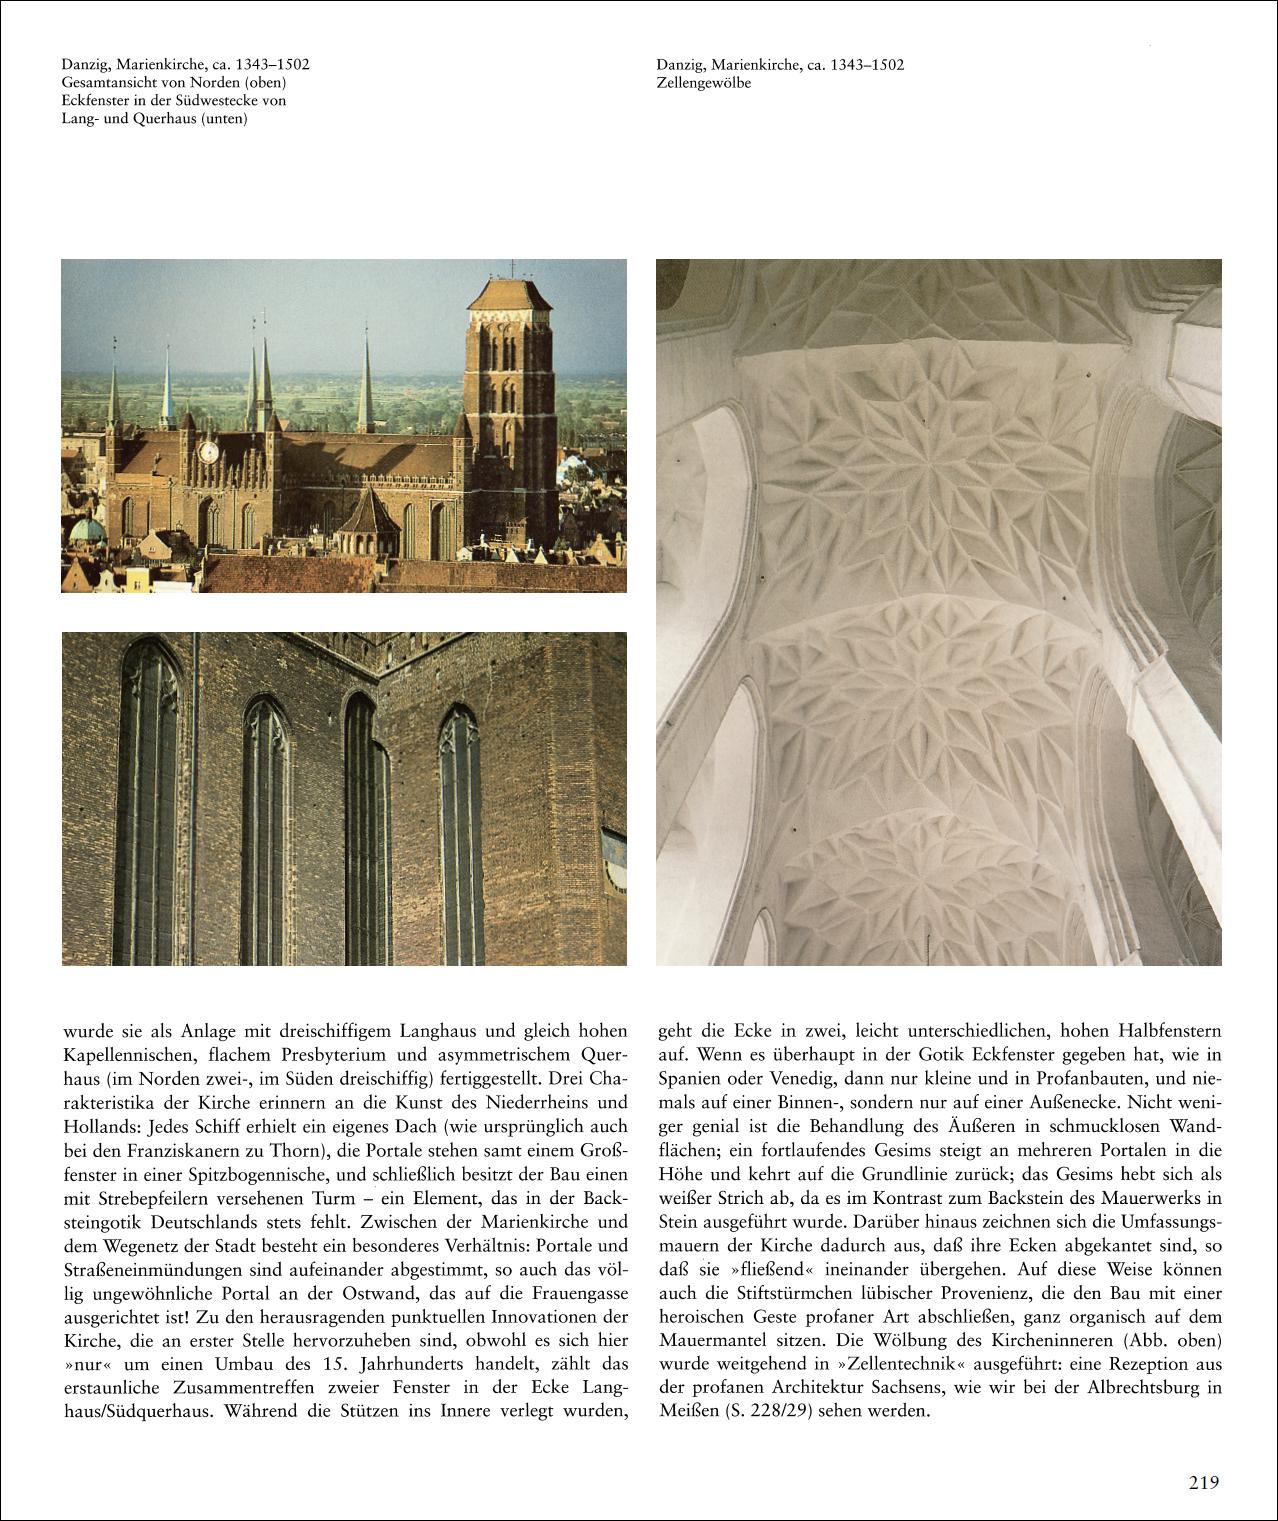 meisterwerke europ ischer stilepochen gotik renaissance klassizismus romantik. Black Bedroom Furniture Sets. Home Design Ideas